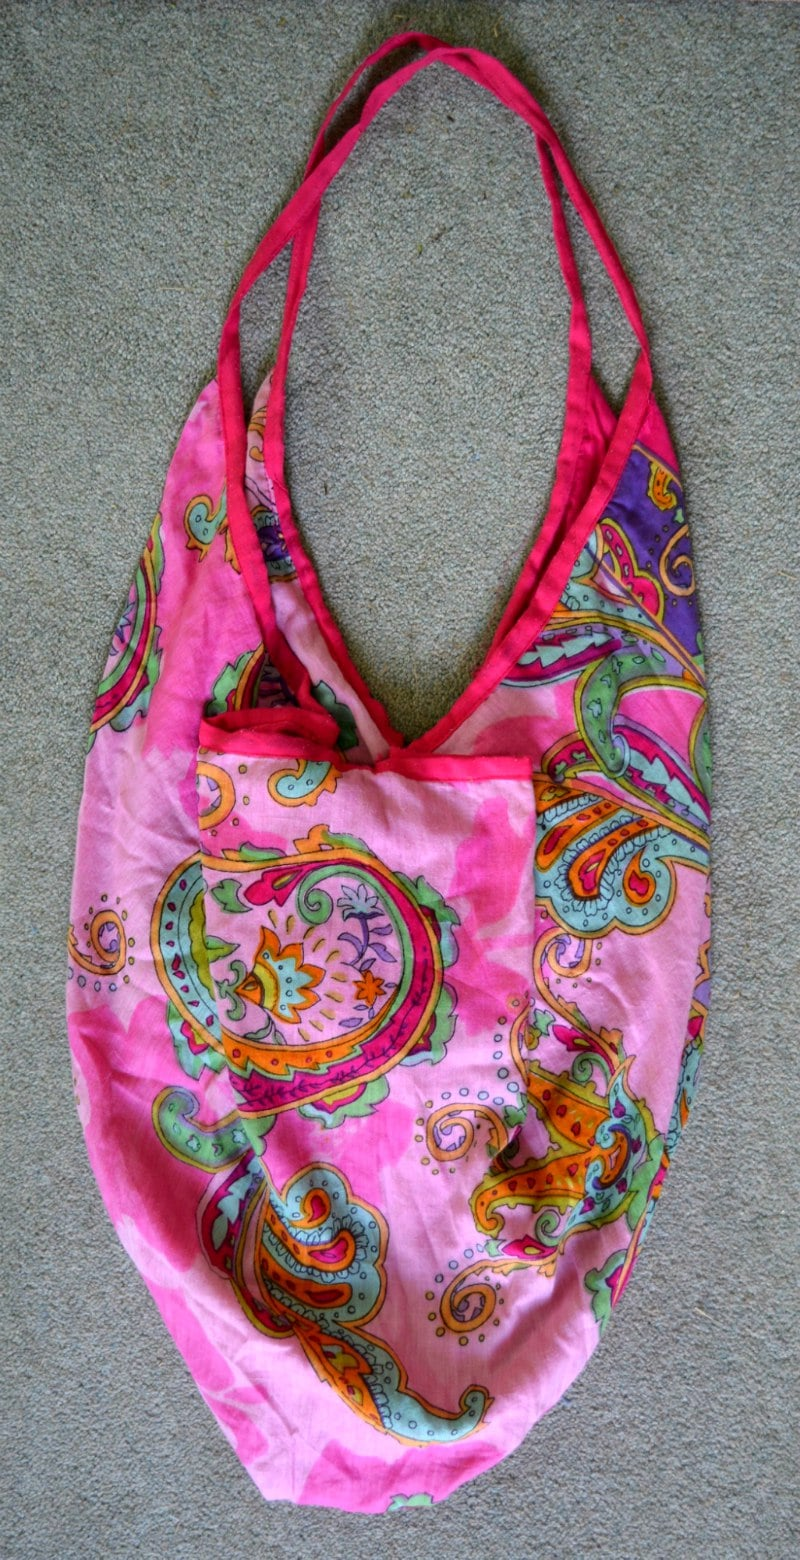 Original beach bag